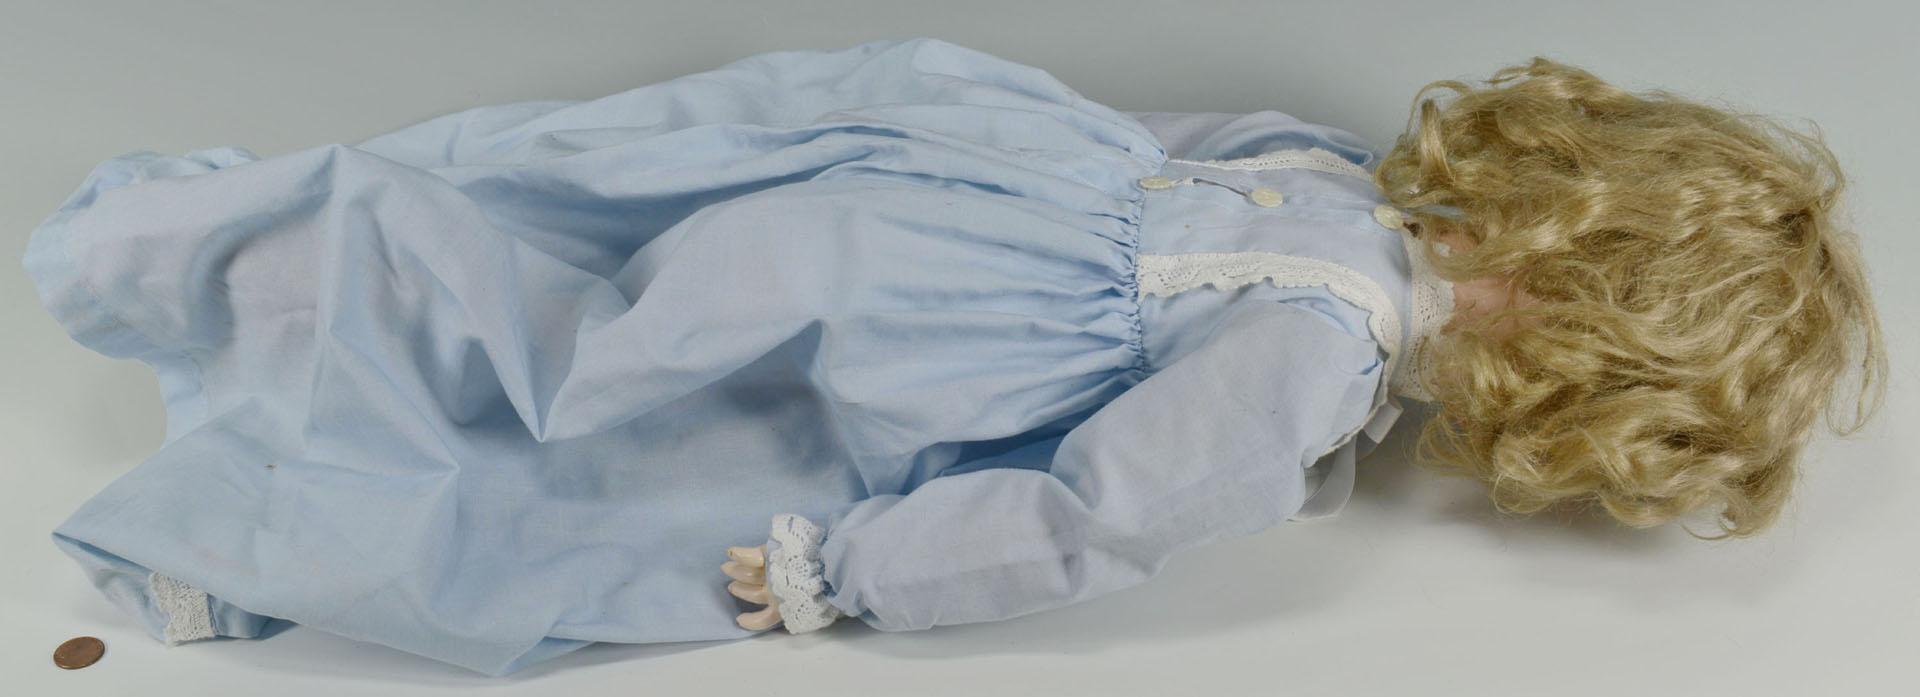 Lot 672: Simon & Halbig For Kammer & Reinhart German Doll